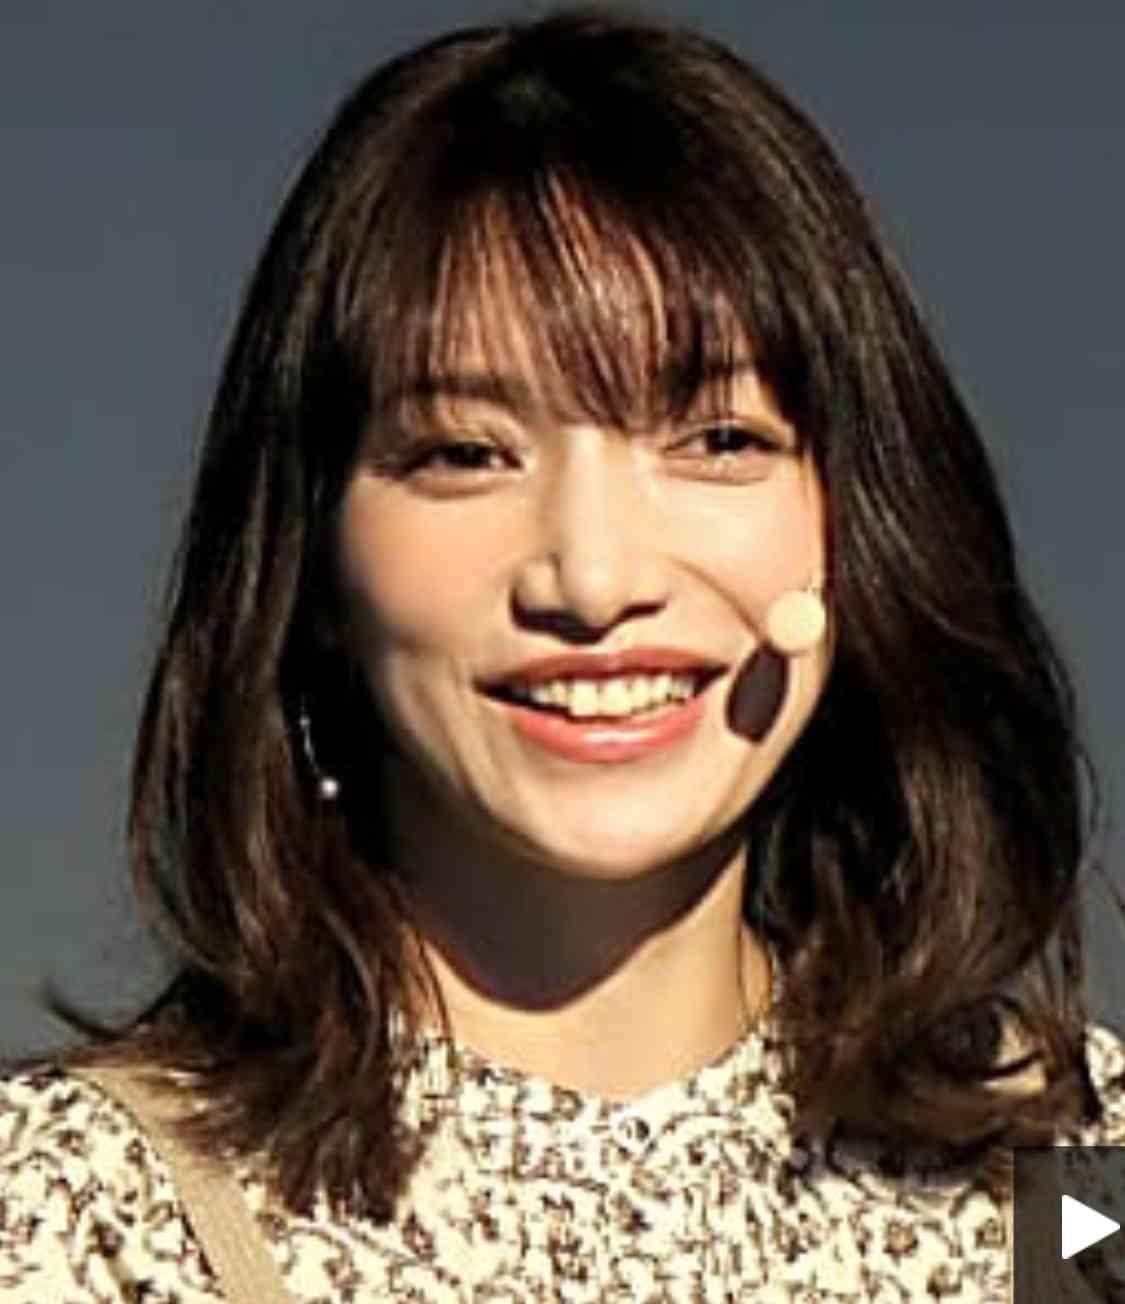 後藤真希、美脚あらわなショーパンコーデに「可愛すぎ」「20歳くらいに見えた」の声